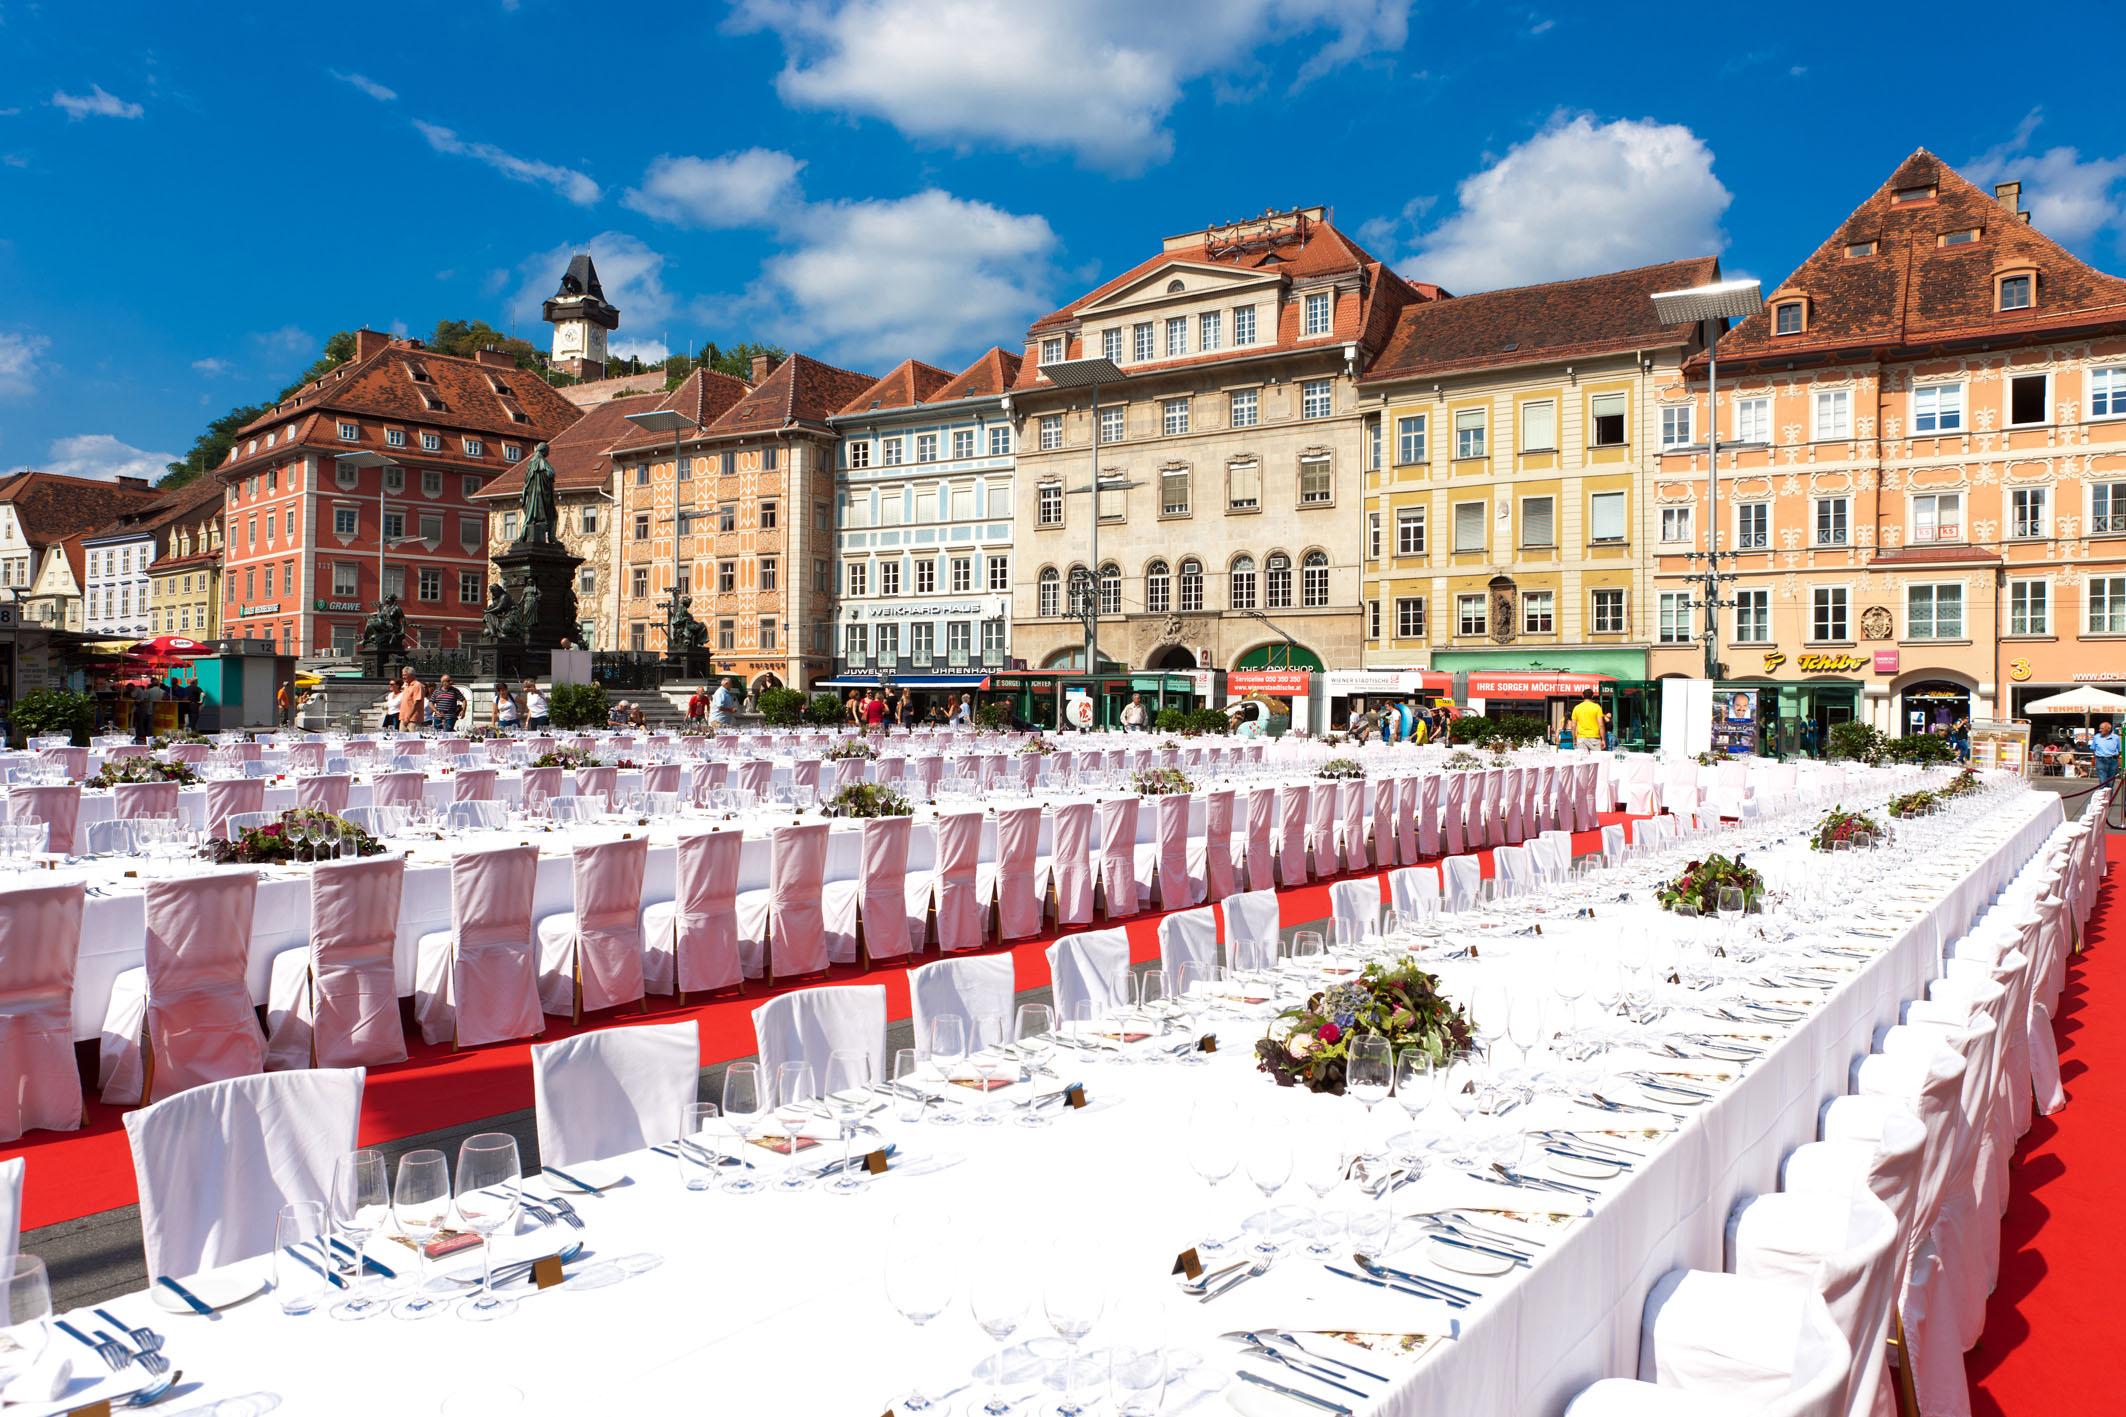 lange-tafel-der-genuss-hauptstadt-2011-169-graz-tourismus